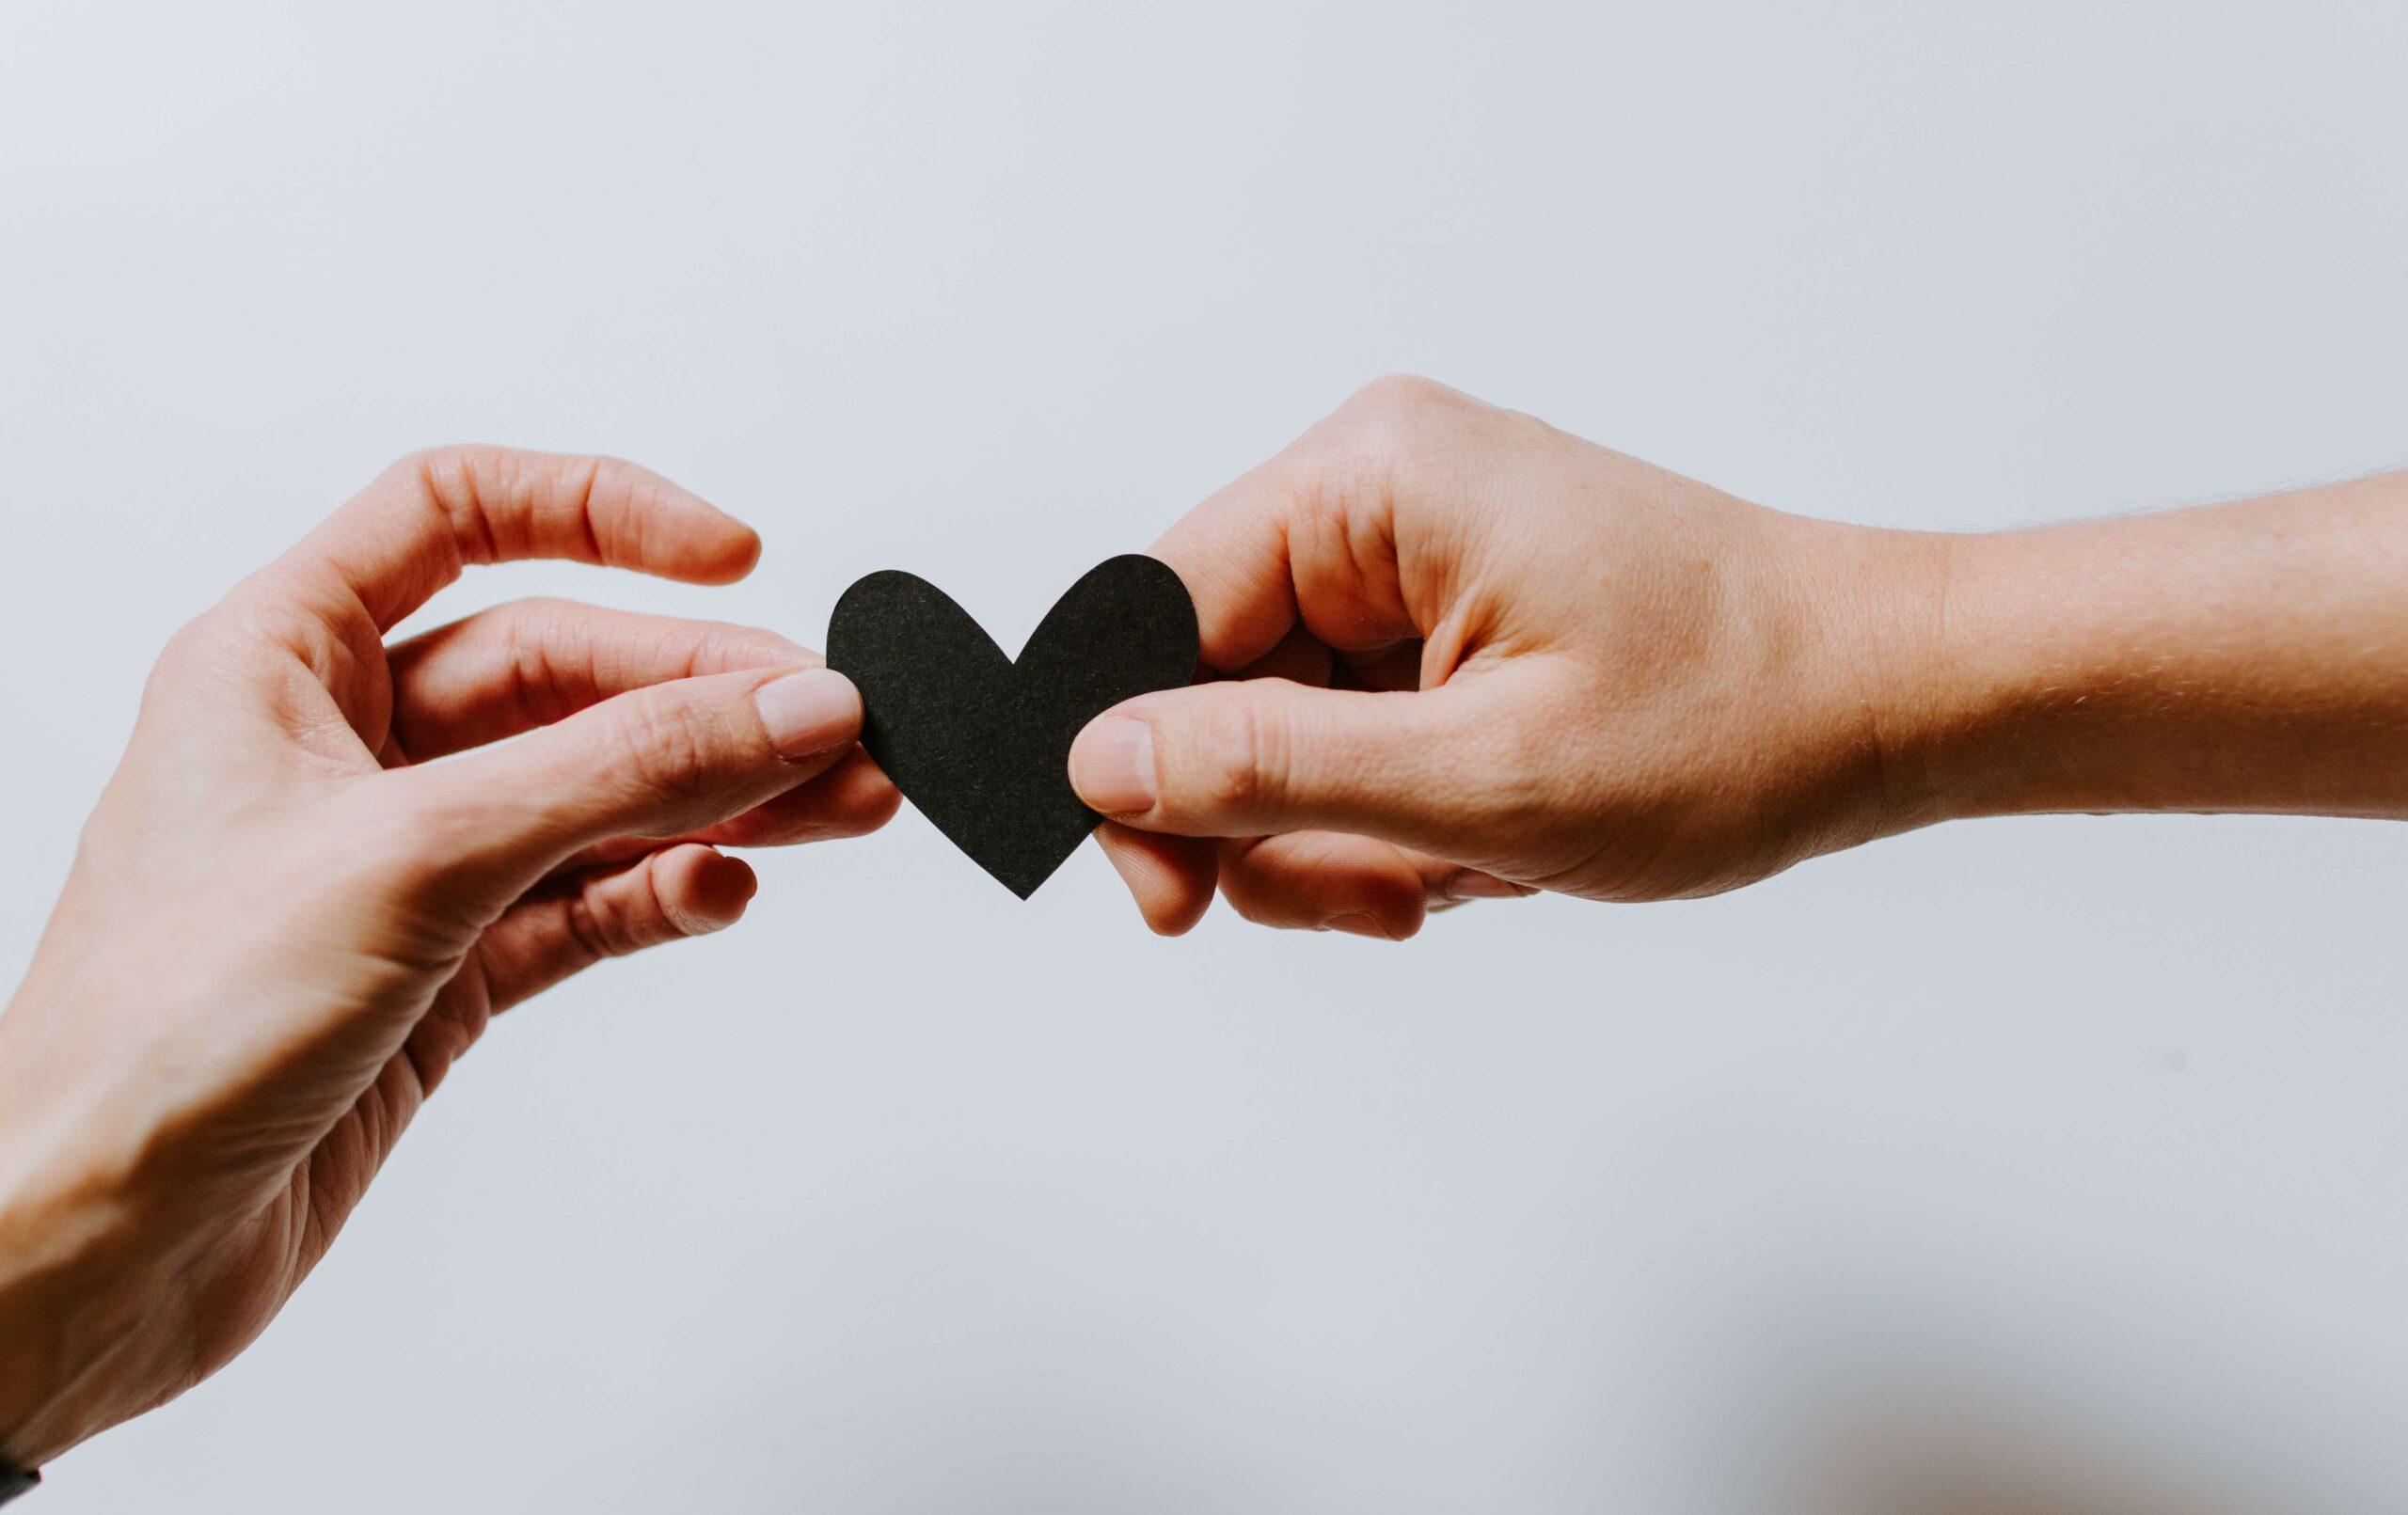 Verbinding - twee handen met een hartje